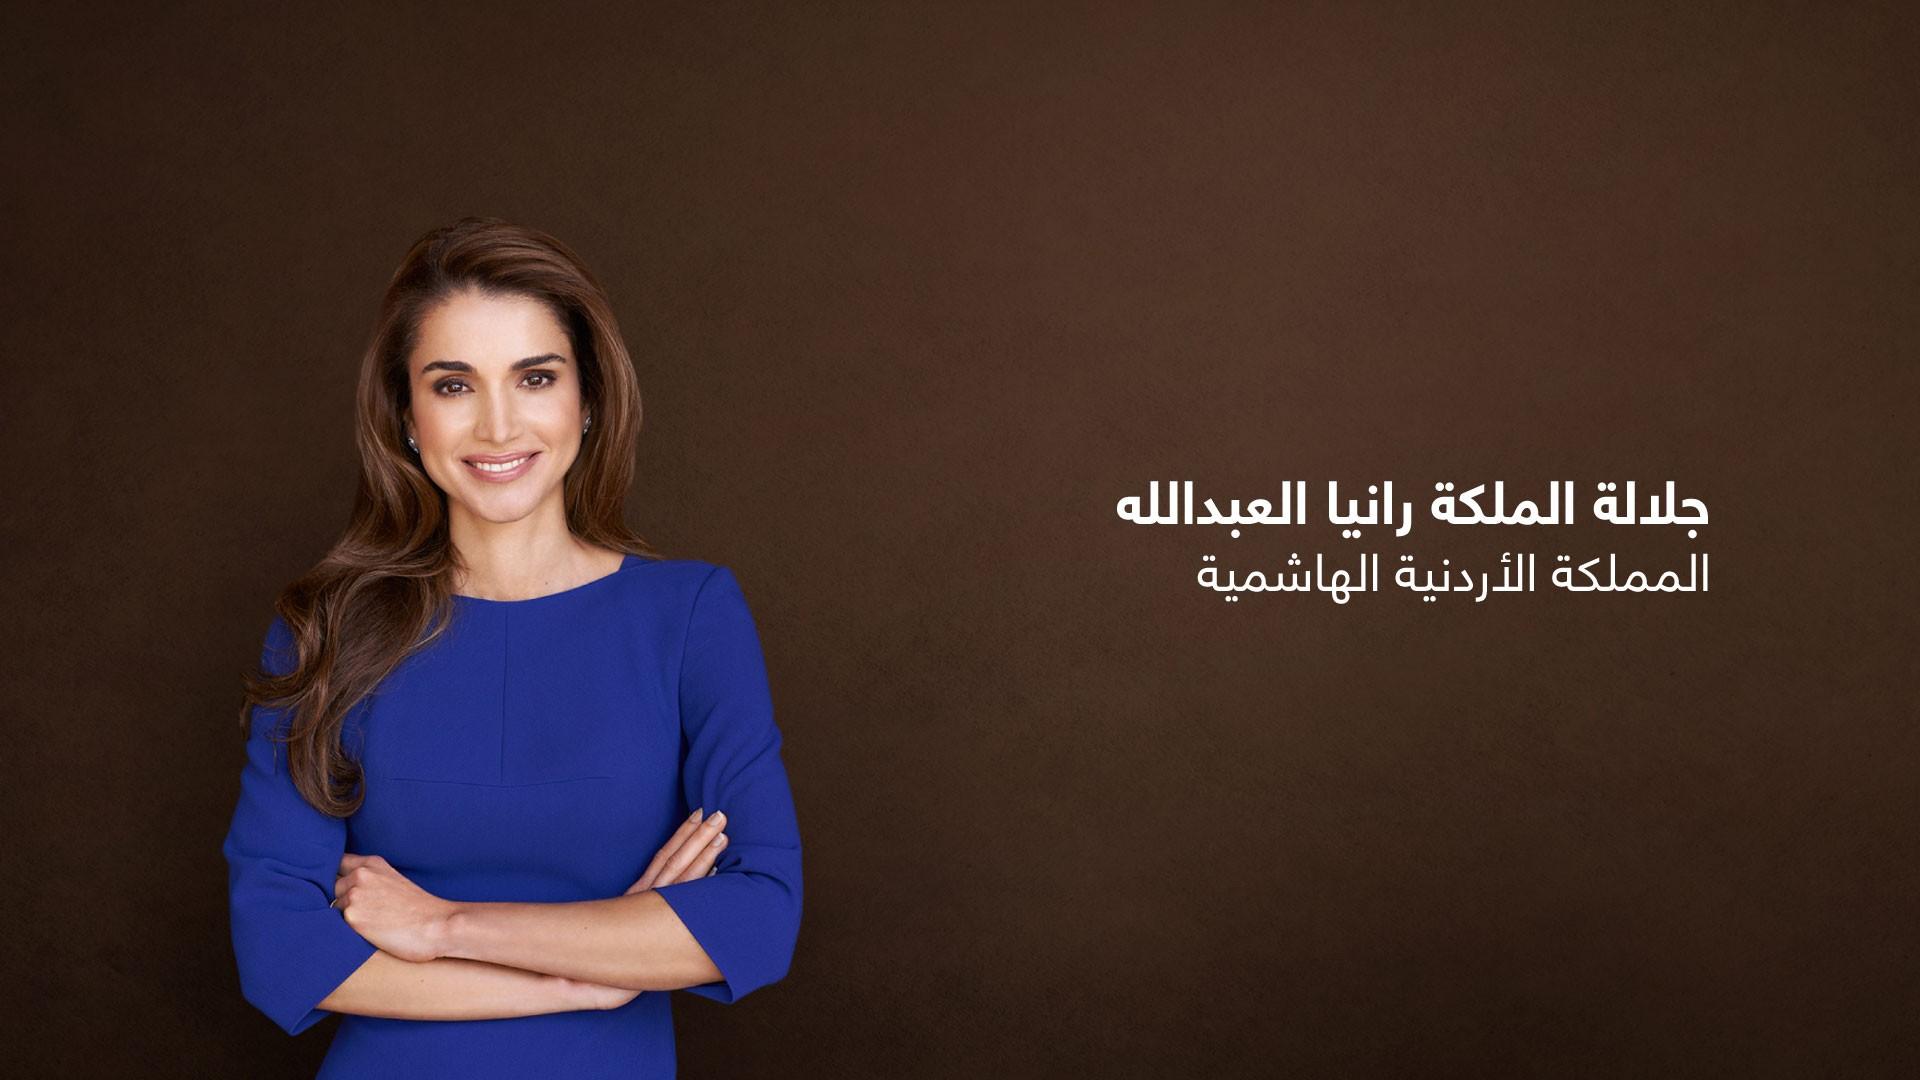 رانيا.. ملكة الخير